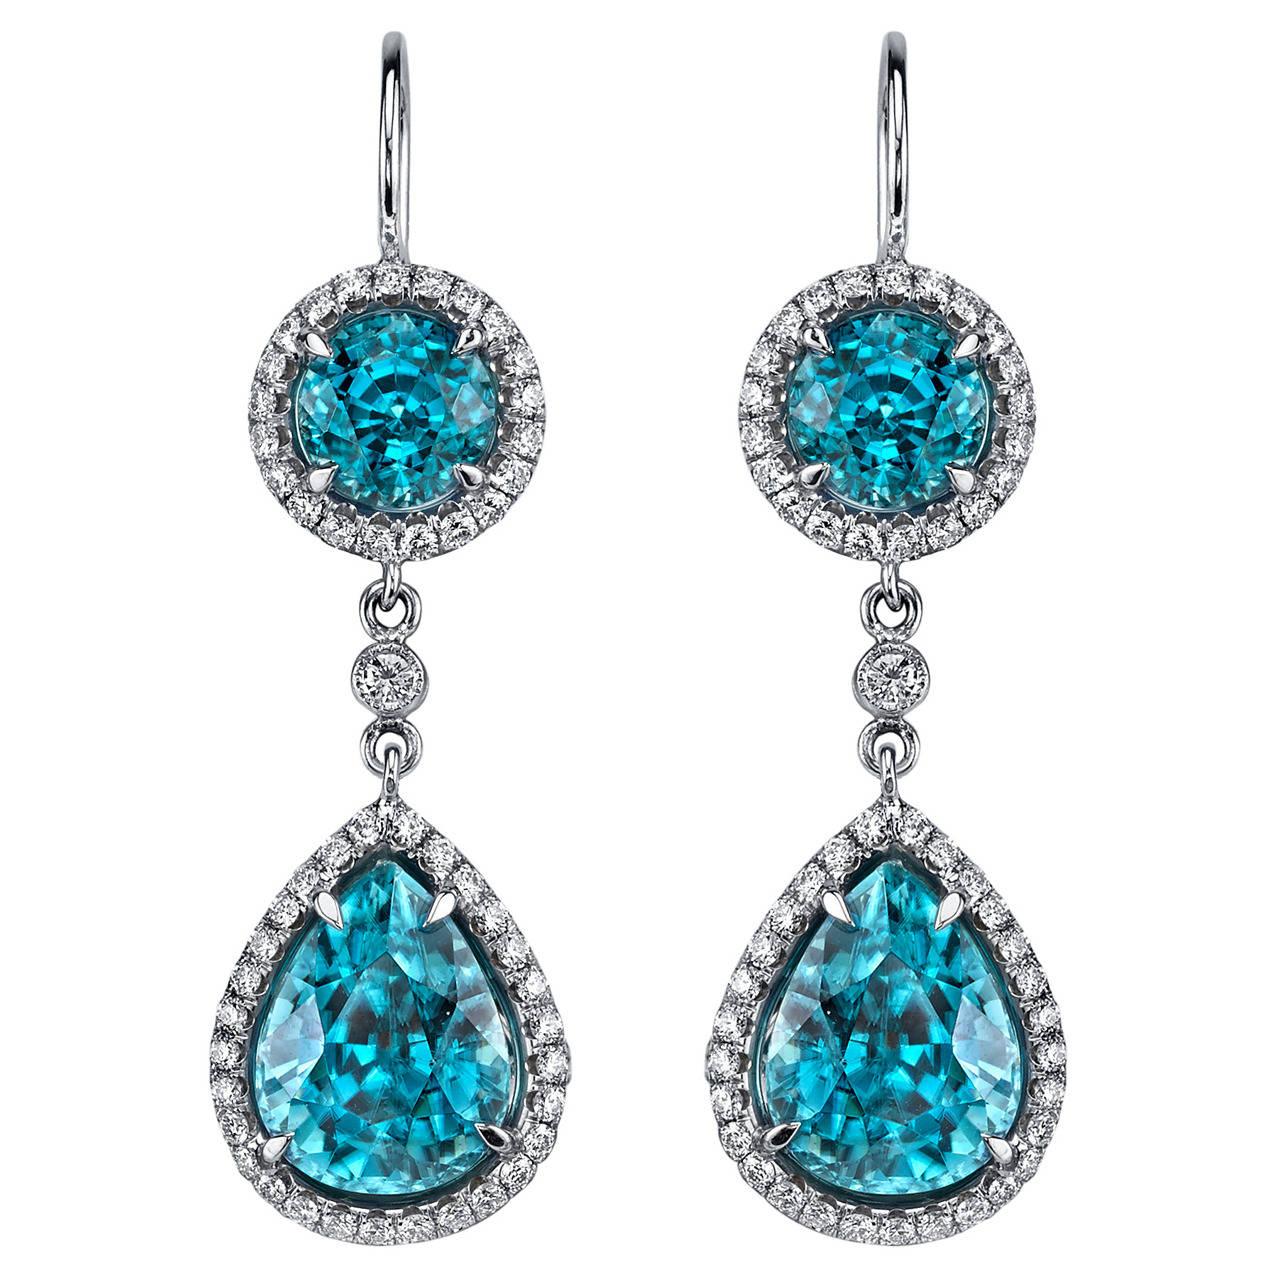 Zircon Diamond Gold Dangle Earrings,OFFERED BY  SIXTH AVENUE FINE JEWELERS